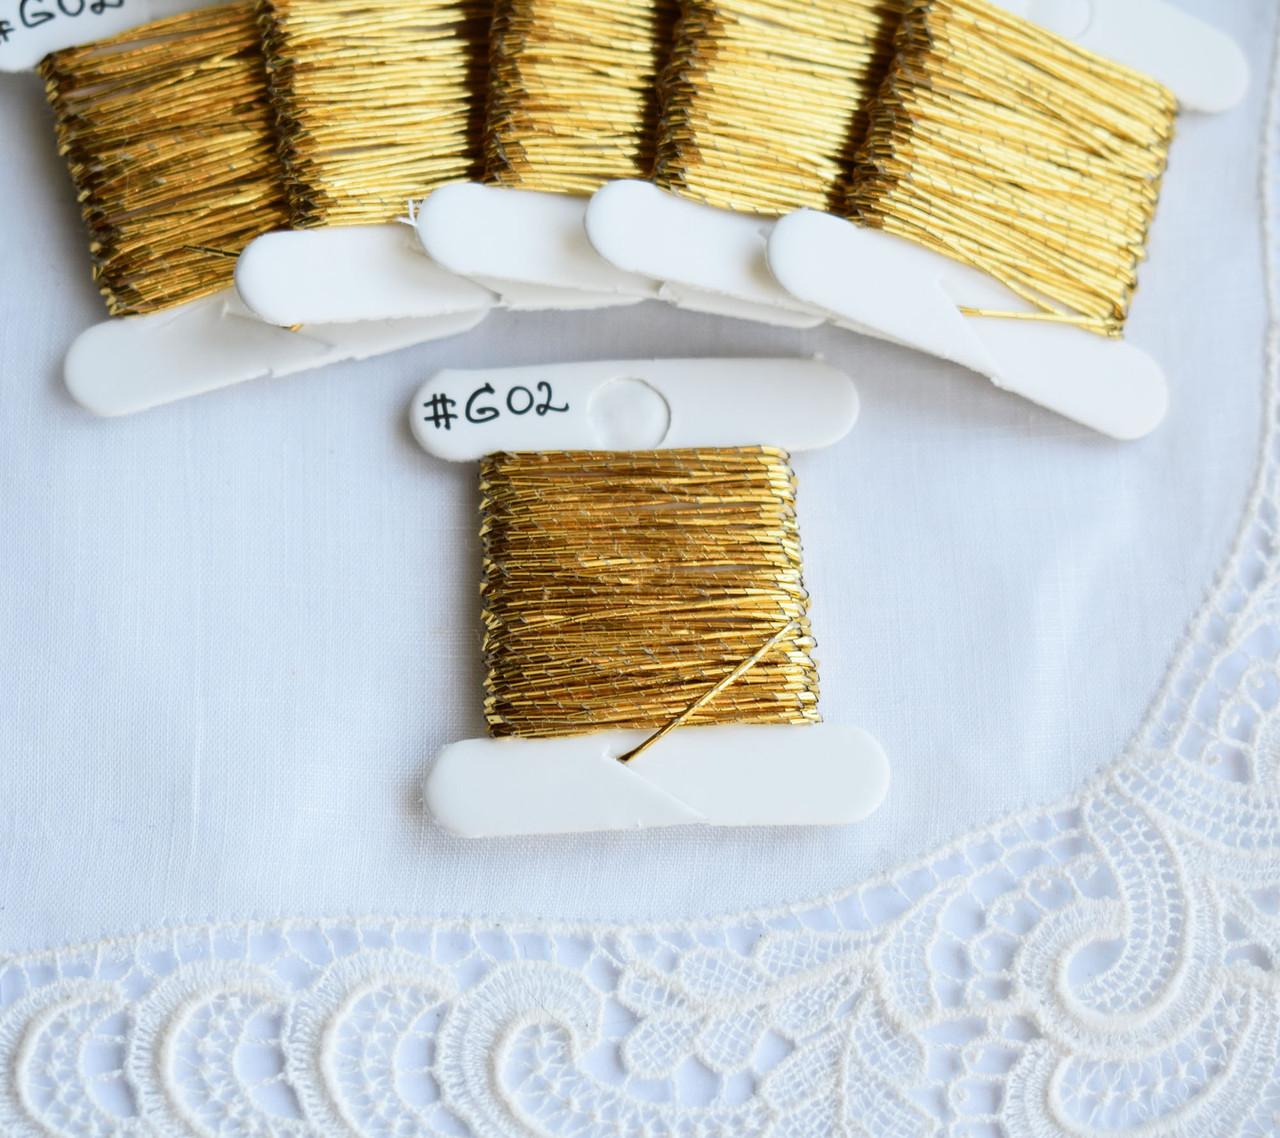 Нитки золотошвейные, 0.5 мм, 3м, золотистая